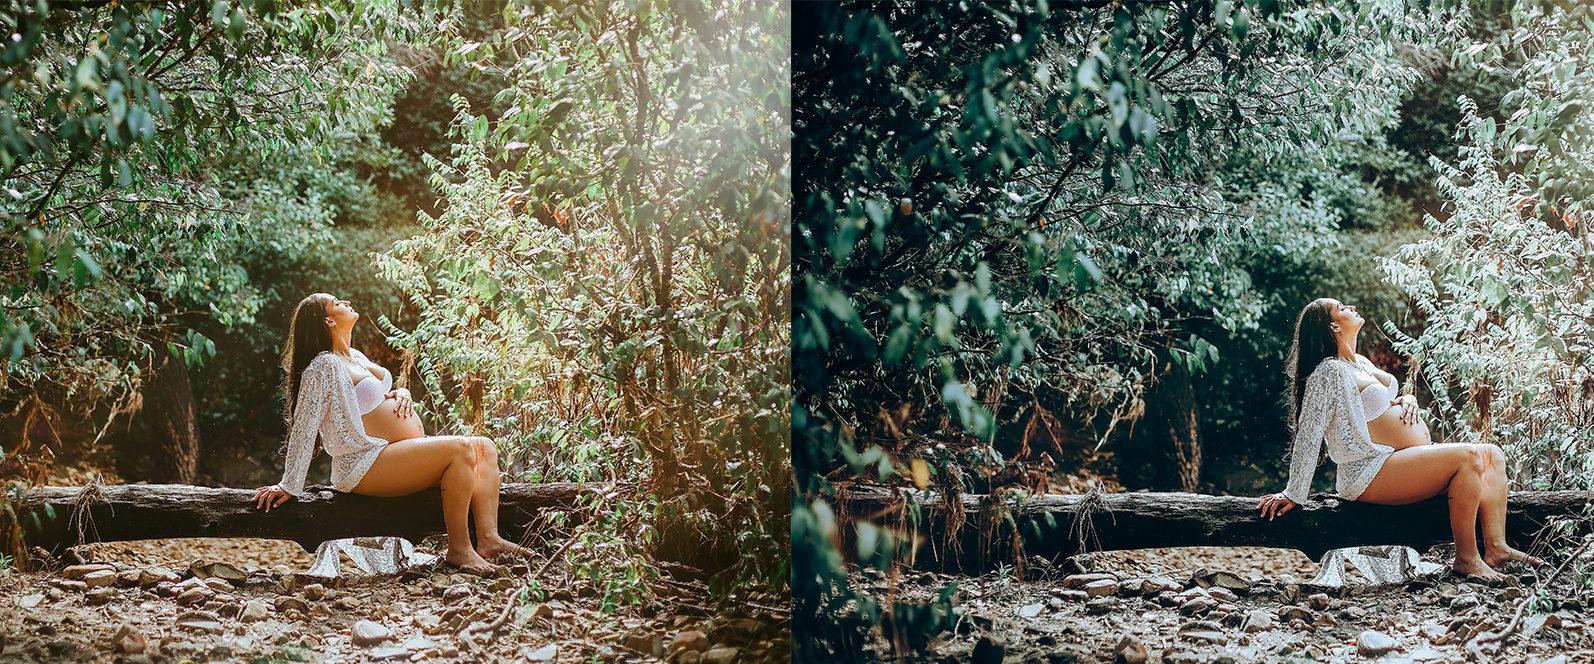 65 x Lightroom Presets (Mobile and Desktop Bundle) inspired by Spring - 4 Evergreen -